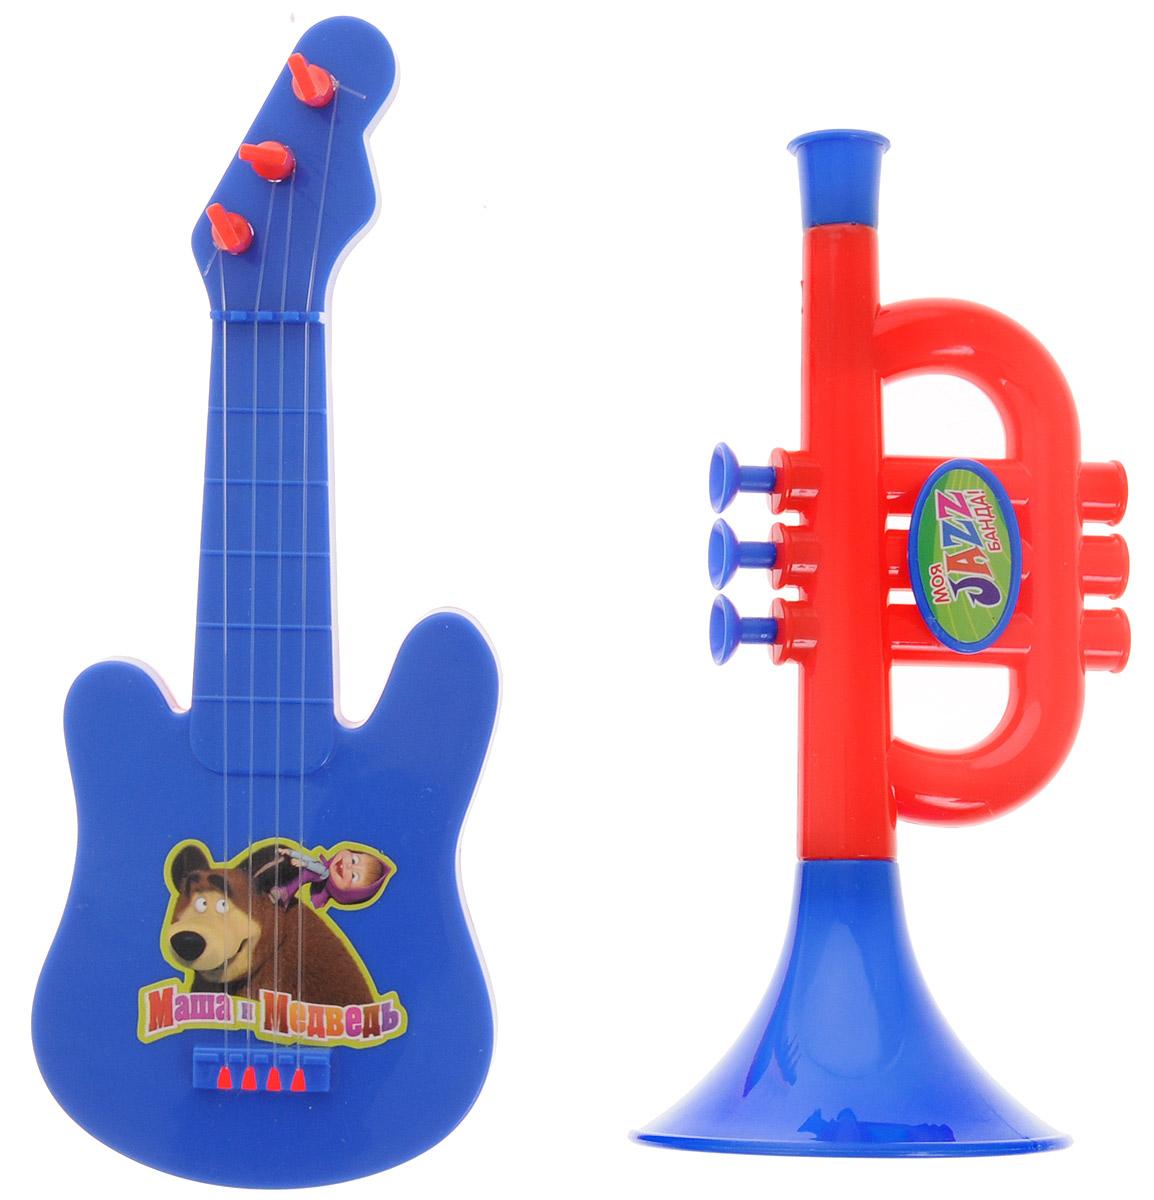 Маша и Медведь Набор музыкальных инструментов цвет гитары синий